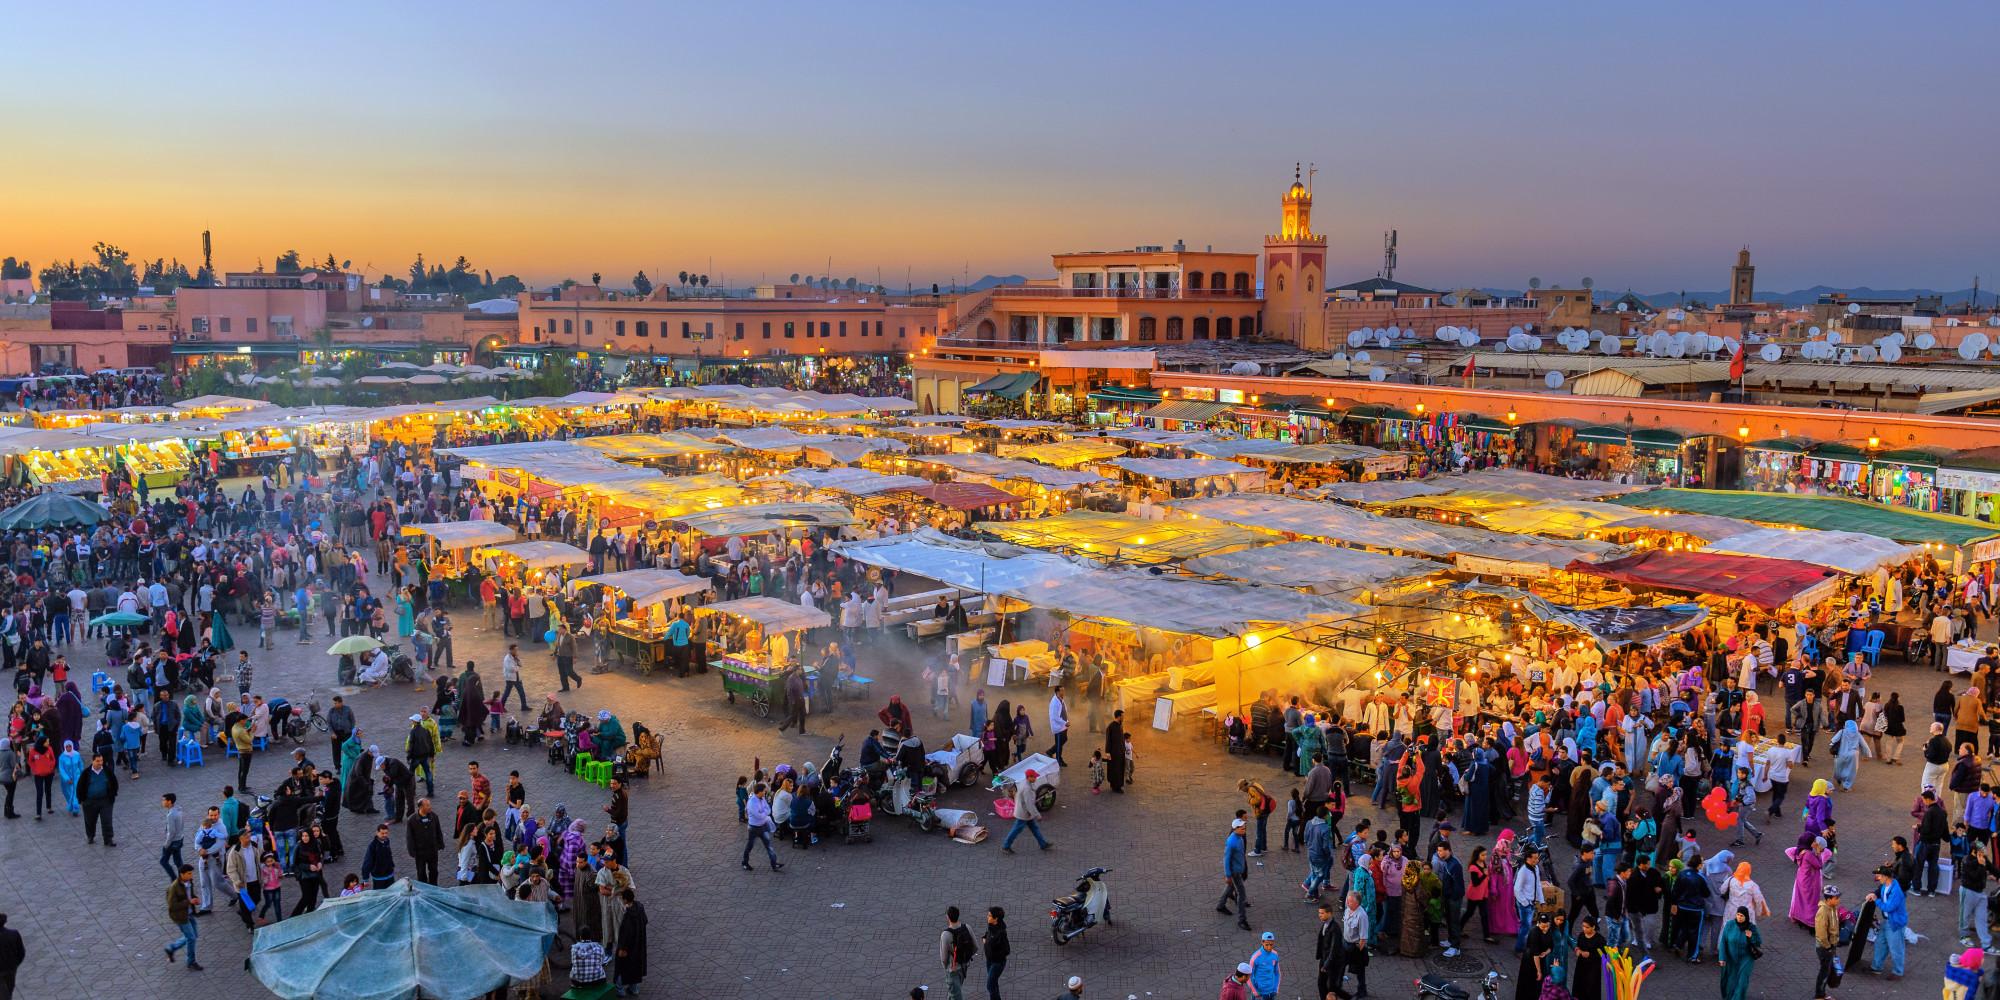 marokko urlaub unter polizeischutz und die suche nach. Black Bedroom Furniture Sets. Home Design Ideas